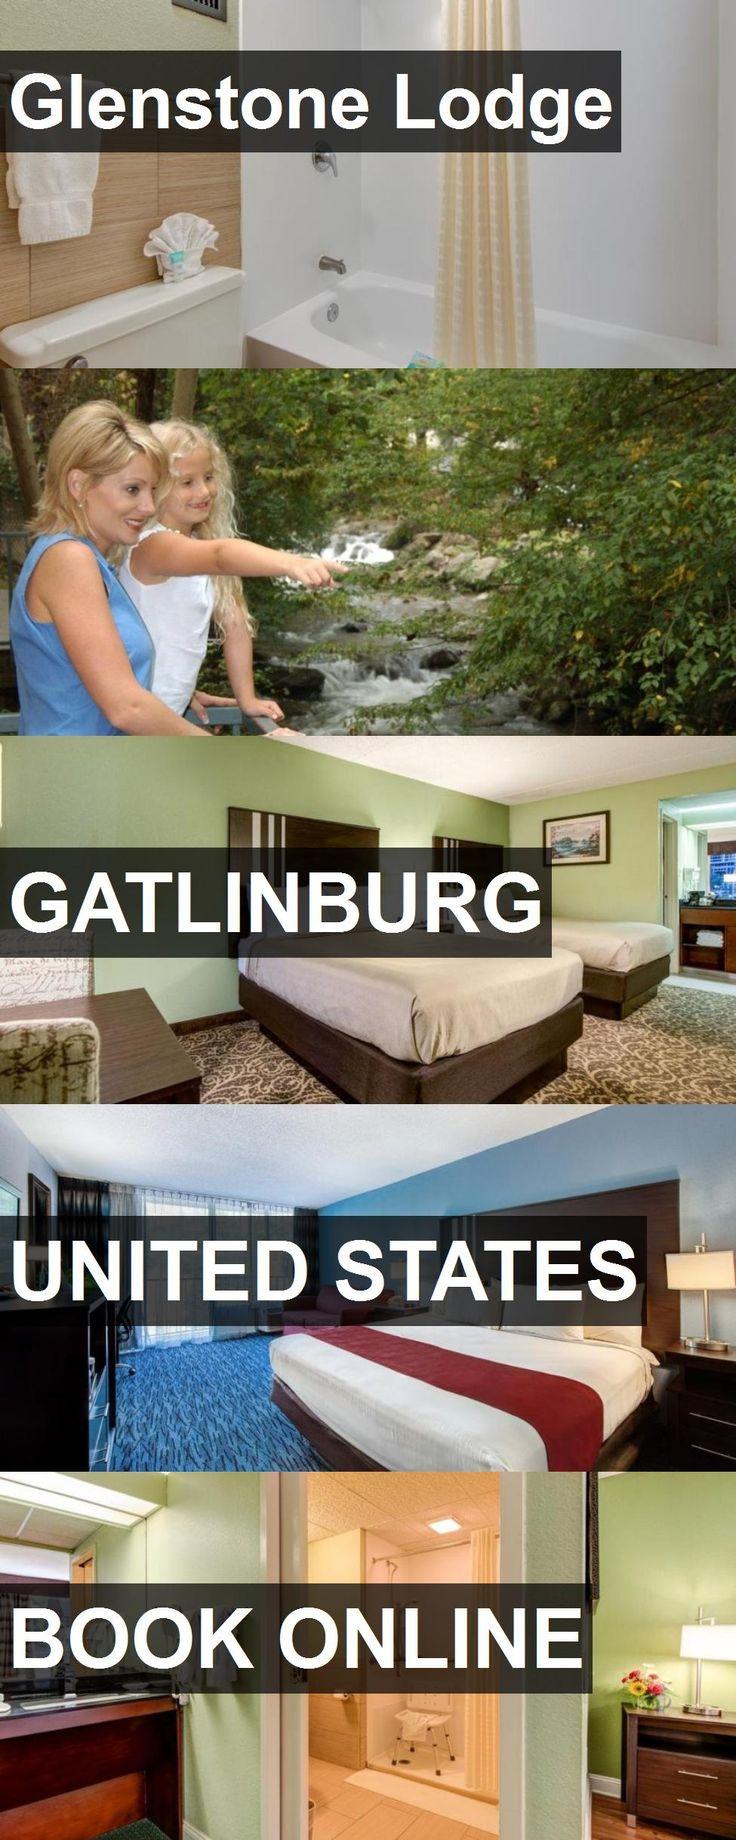 best 25+ hotels in gatlinburg ideas on pinterest | hotels in